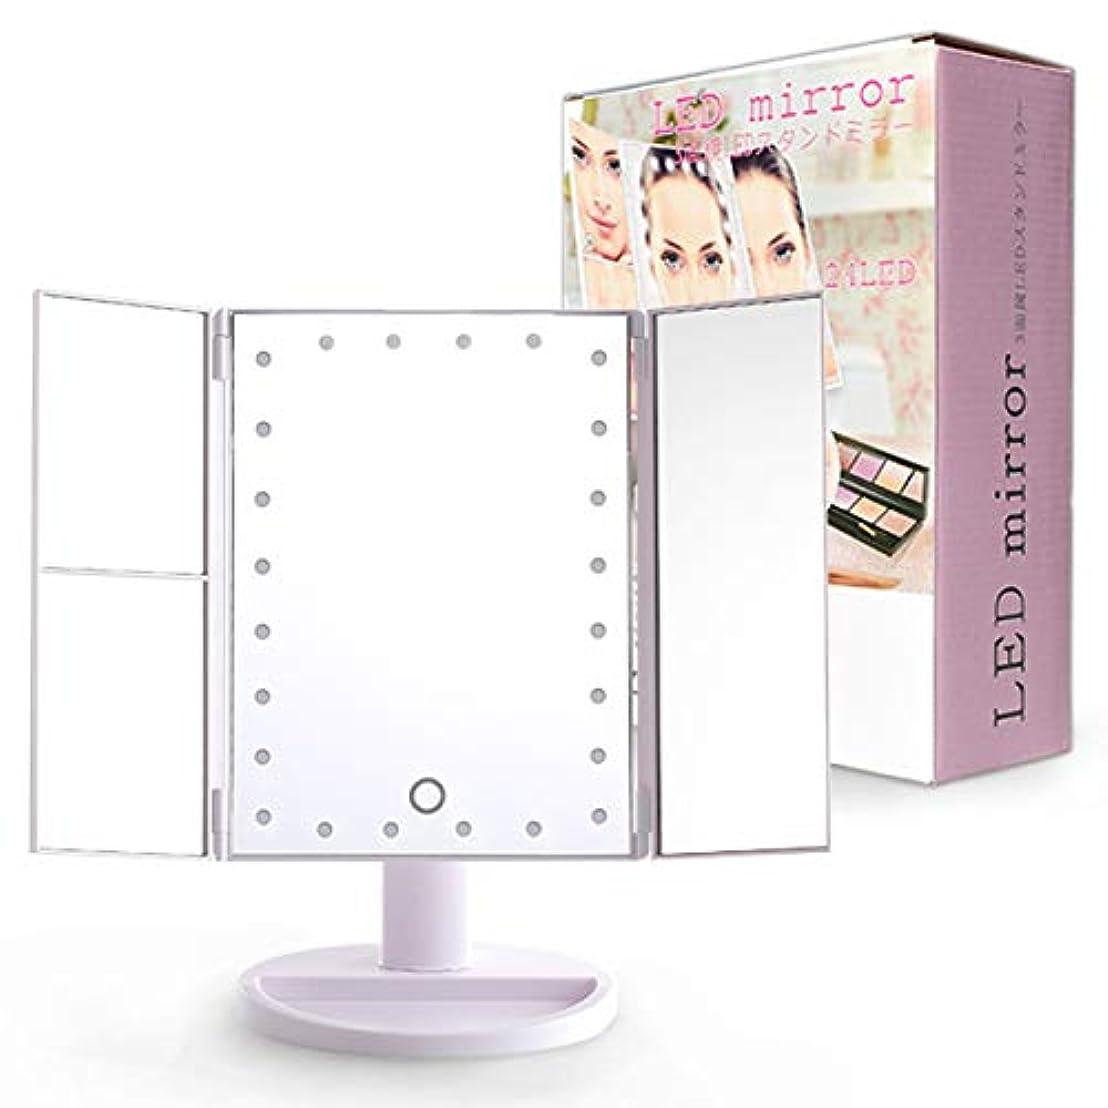 有益テザー定期的にZAZ LEDミラー 3面鏡 24LED 女優ミラー 三面鏡 2倍鏡 3倍鏡 10倍鏡 USBケーブル付属 角度調整可能 カラー:ホワイト